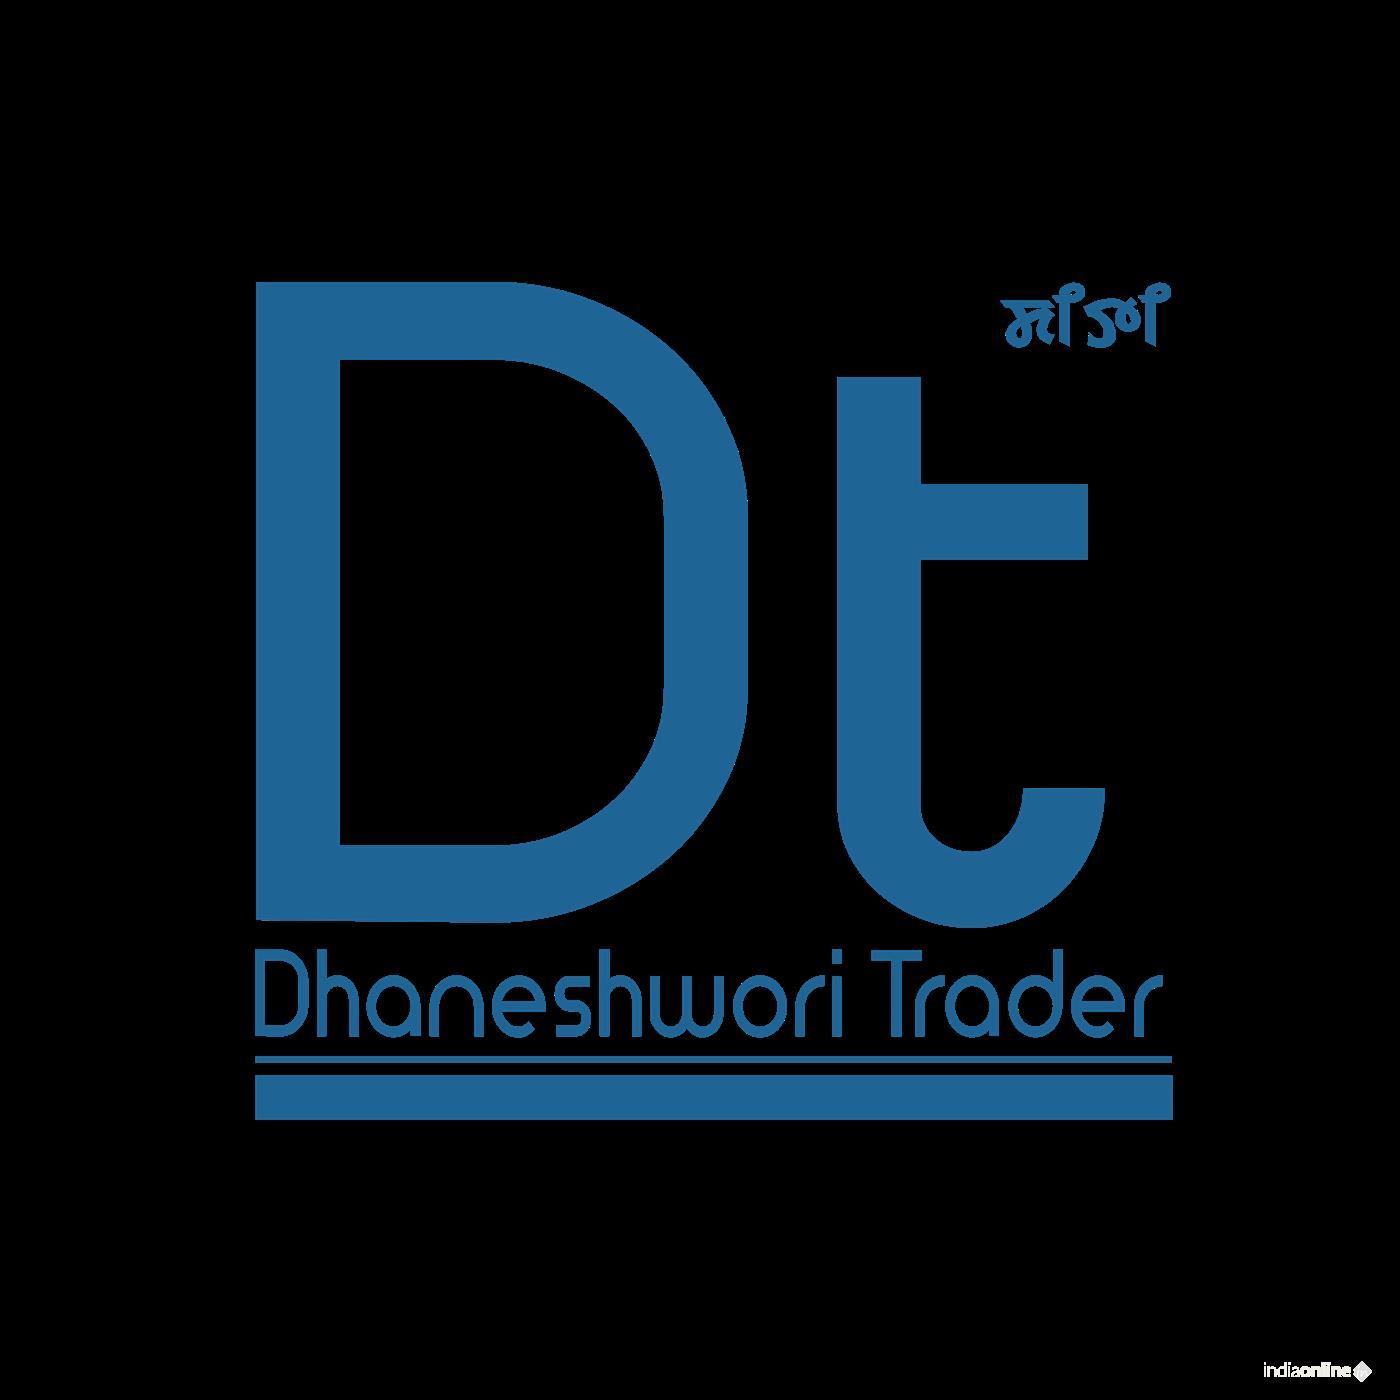 Logo DT crop